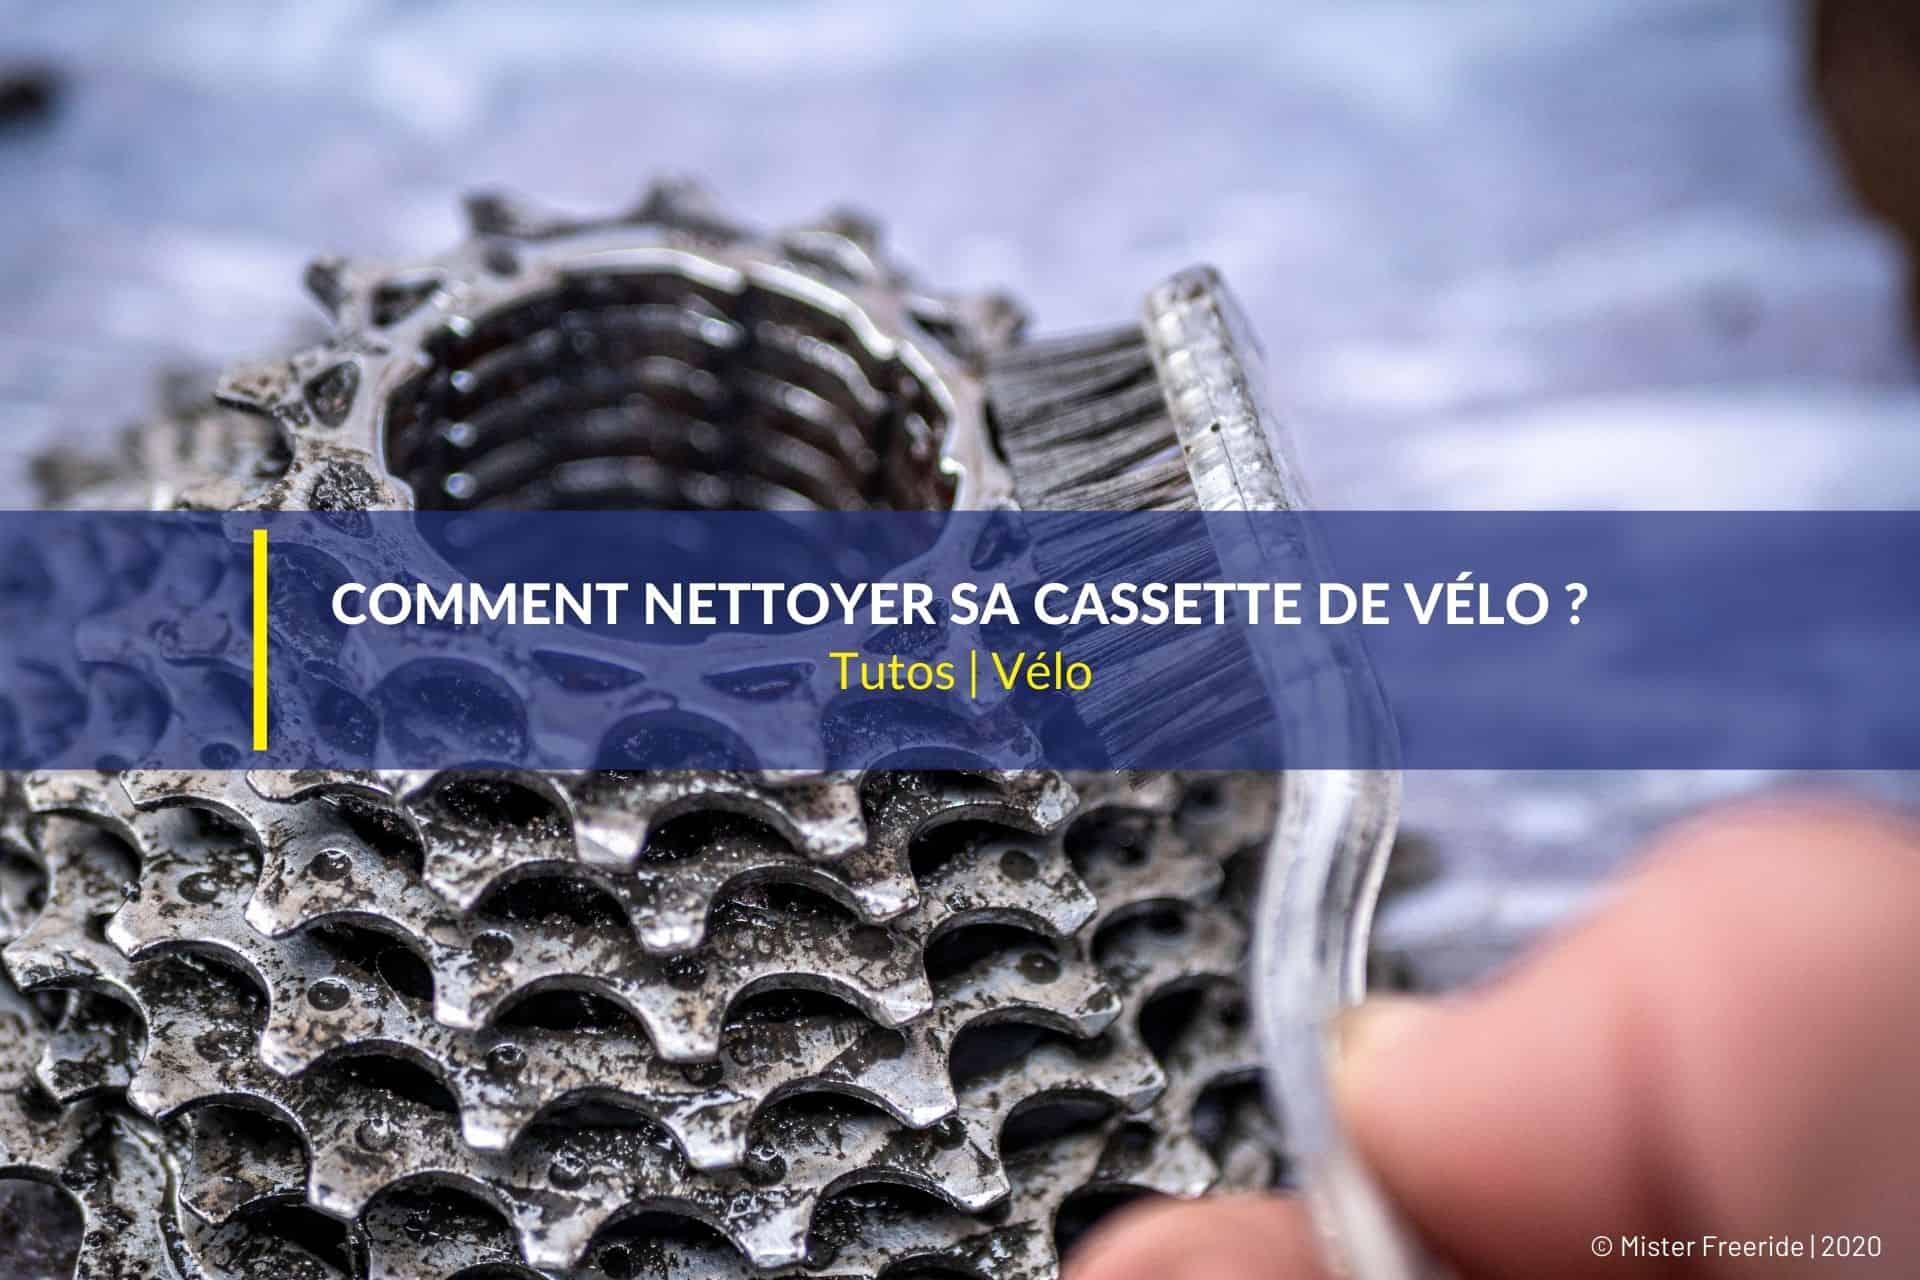 nettoyer cassette vélo